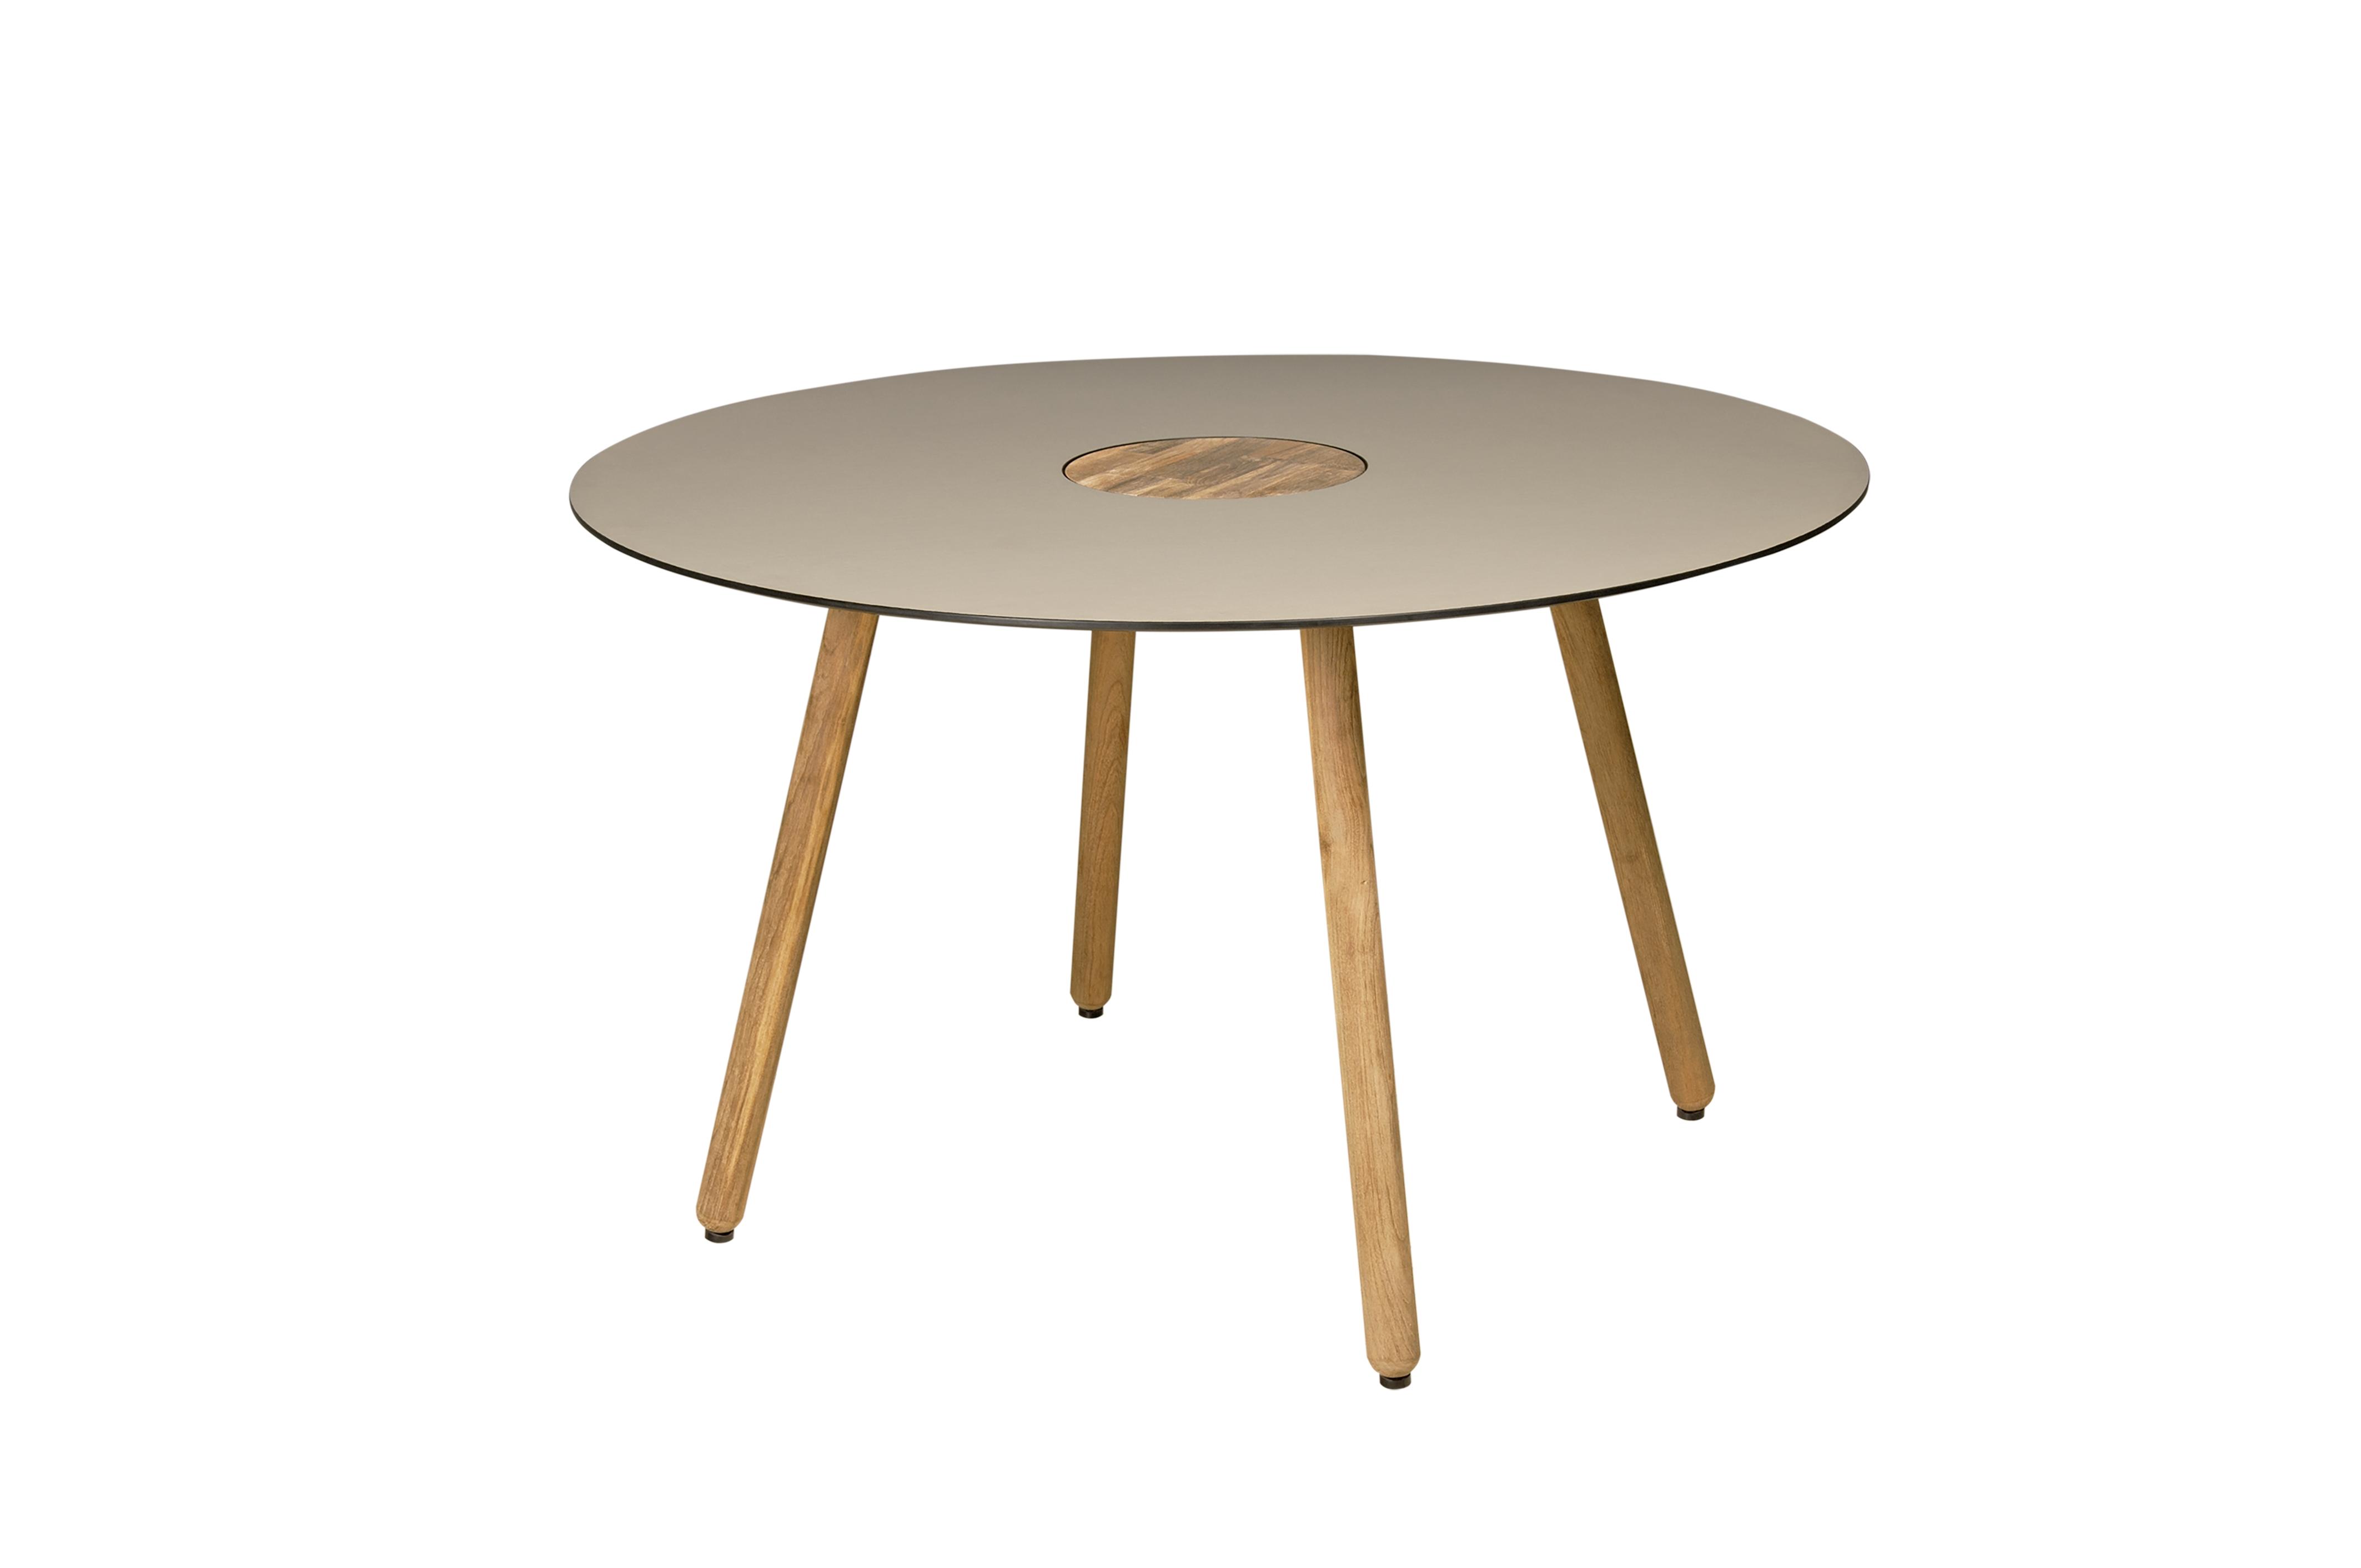 MAMAGREEN_BON01_BONO_dining_table_dia_127_cm_hpl